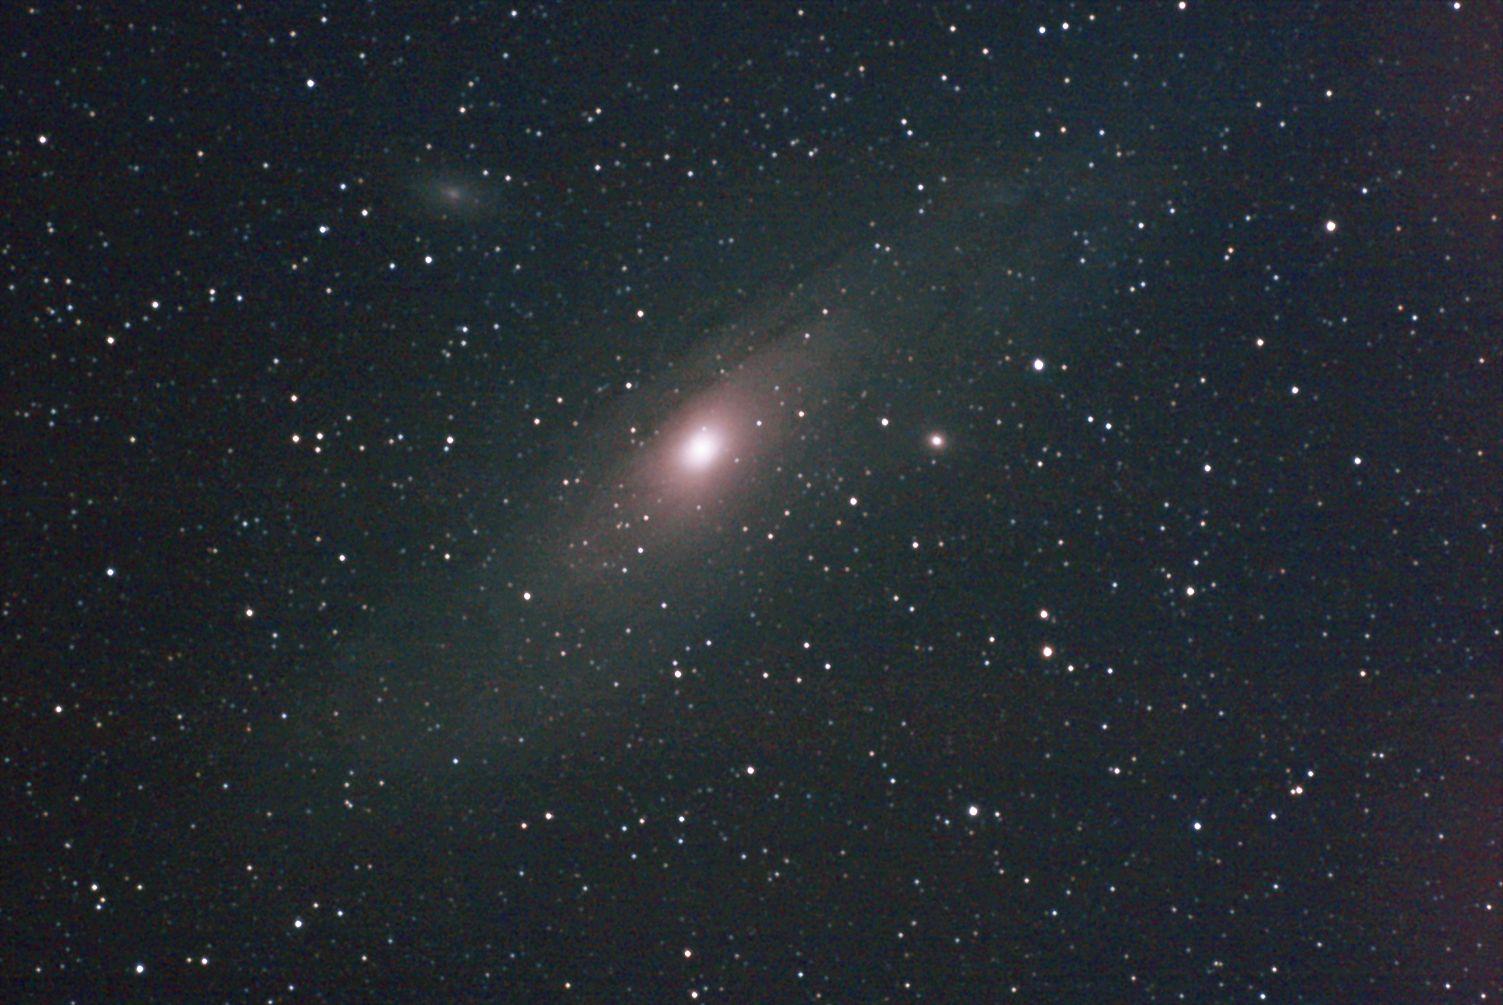 М31, Андромеда